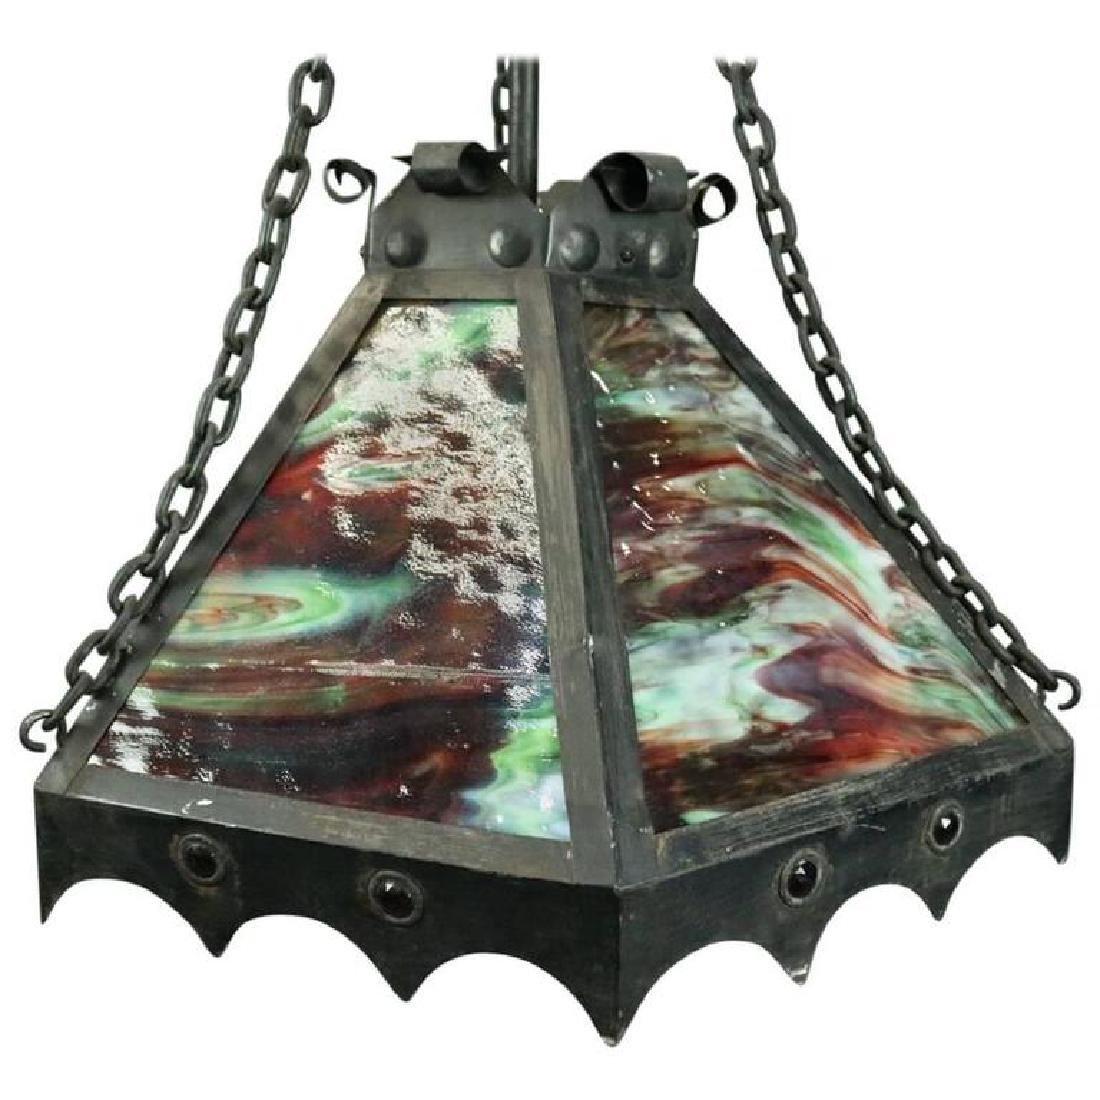 Antique Arts & Crafts Slag Glass 3-Light Hanging Light